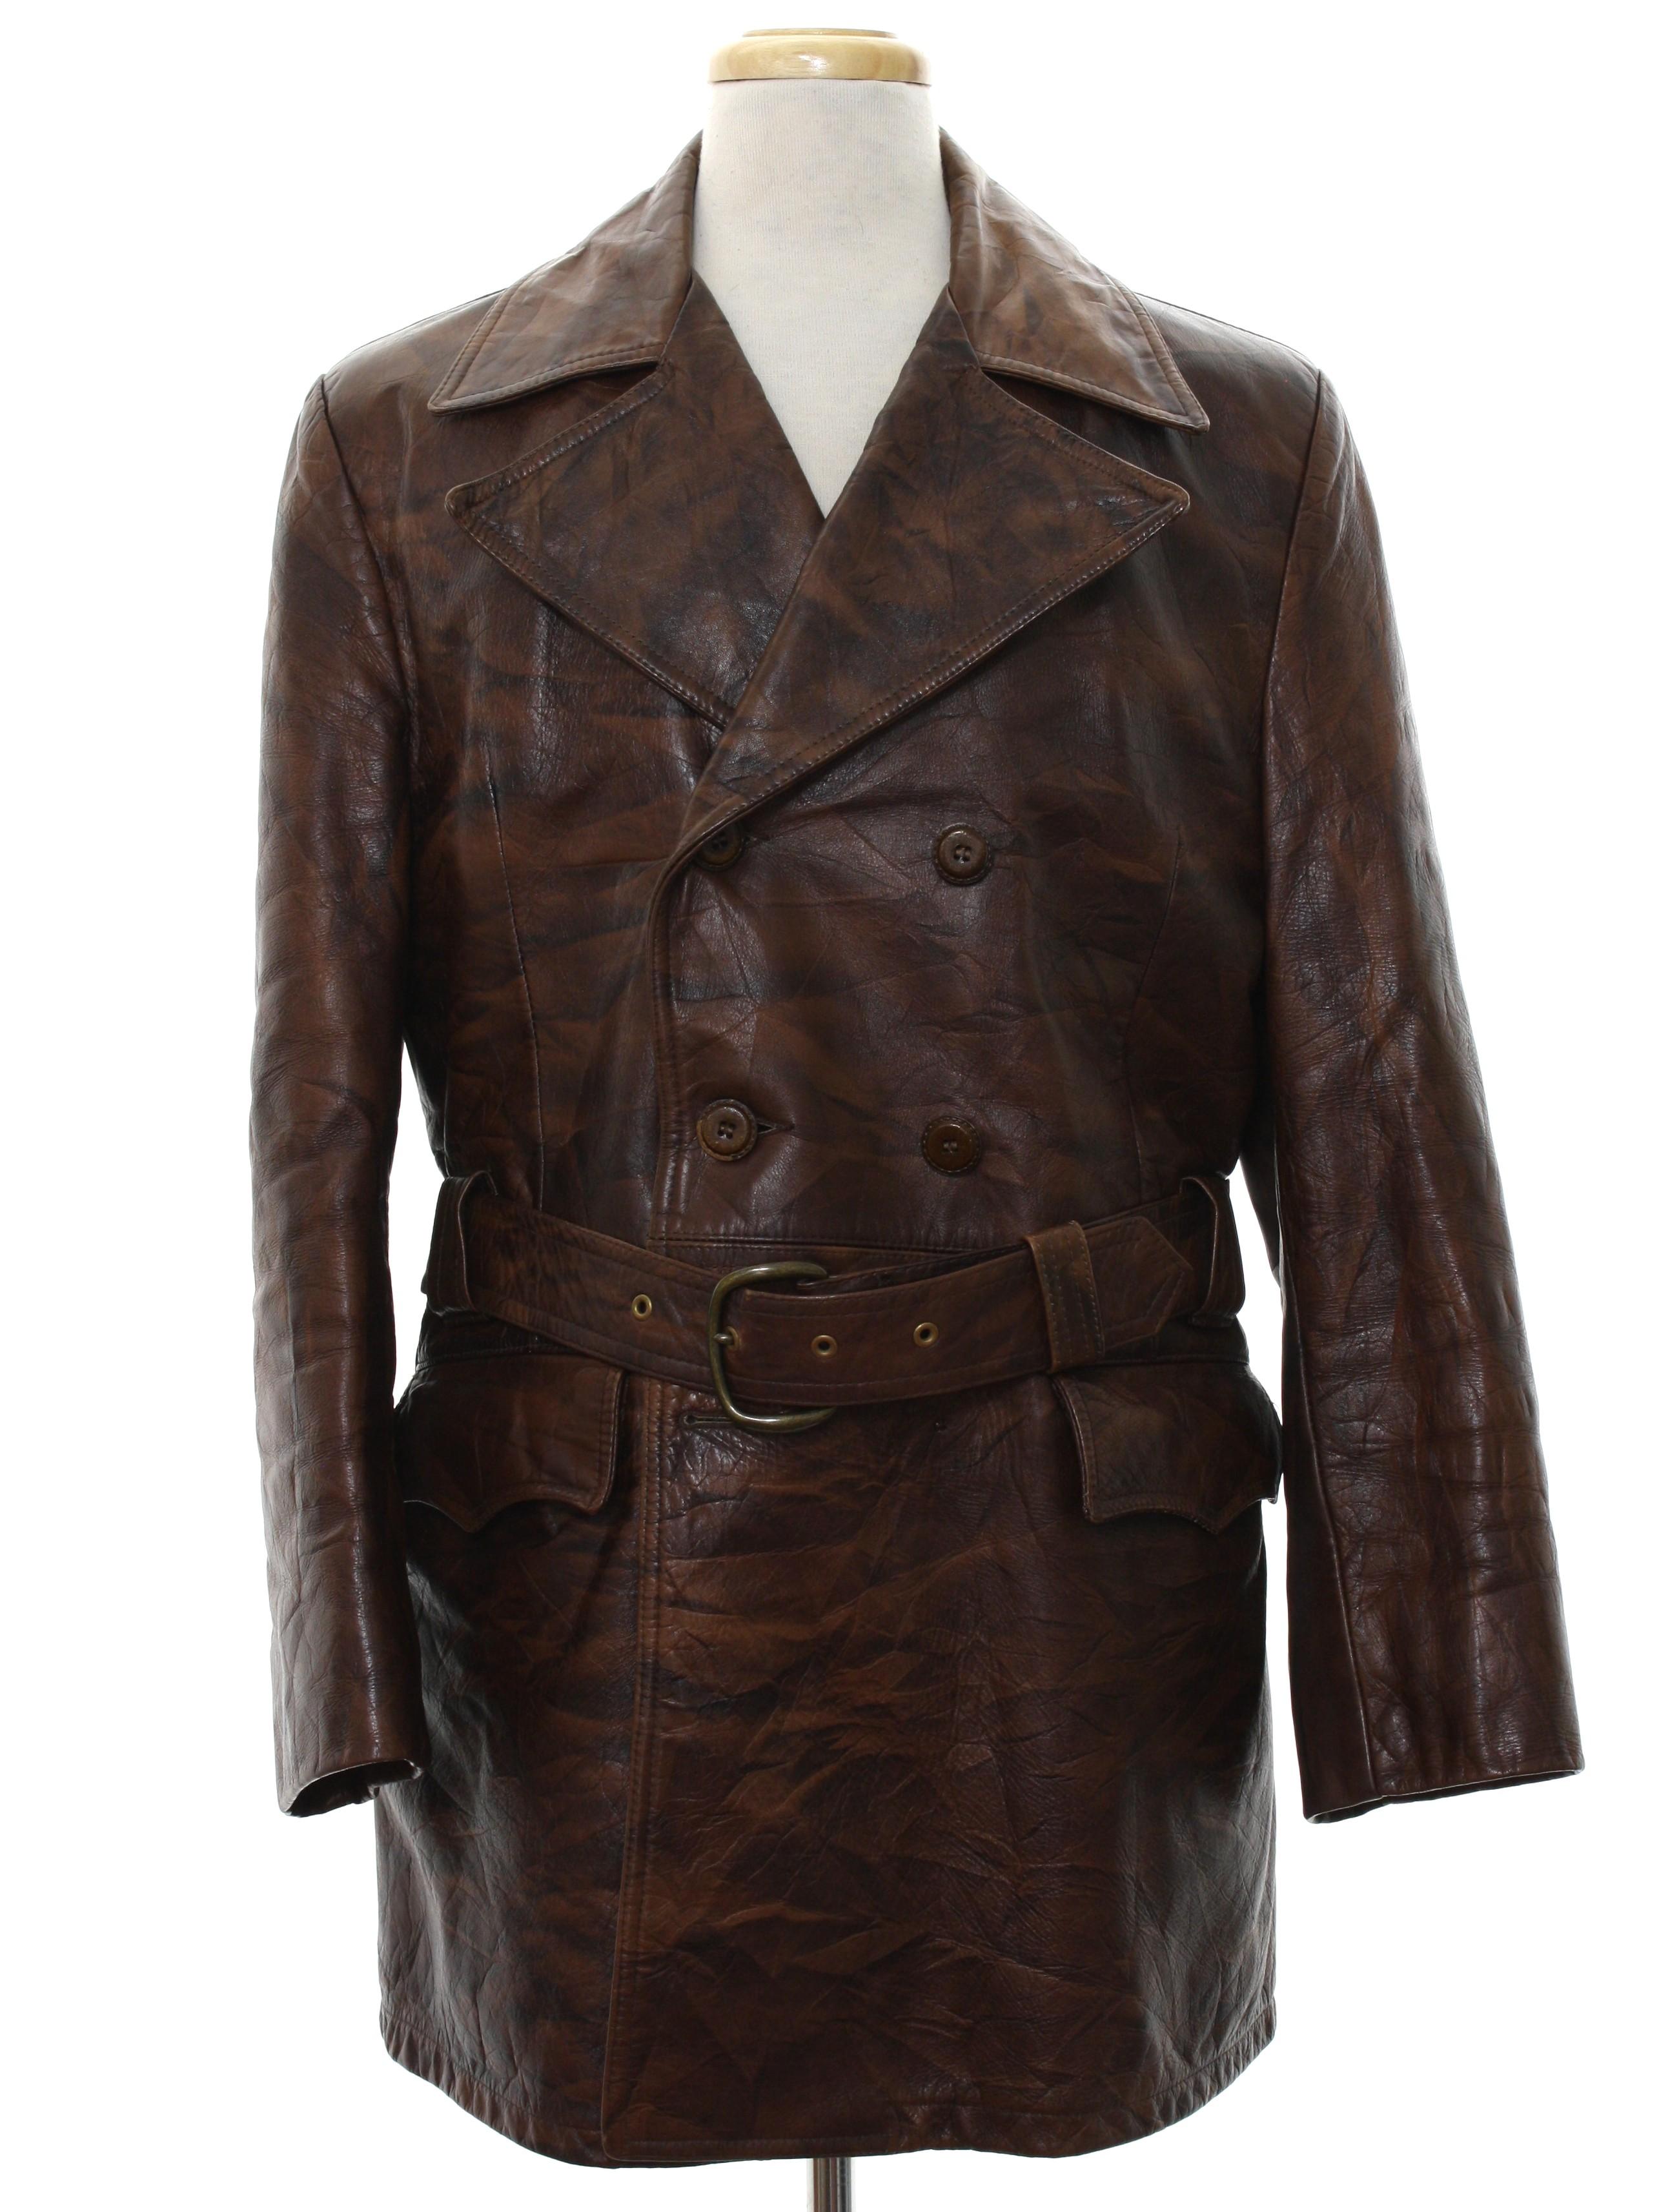 1970s Vintage Leather Jacket 70s Lakeland Mens Brown